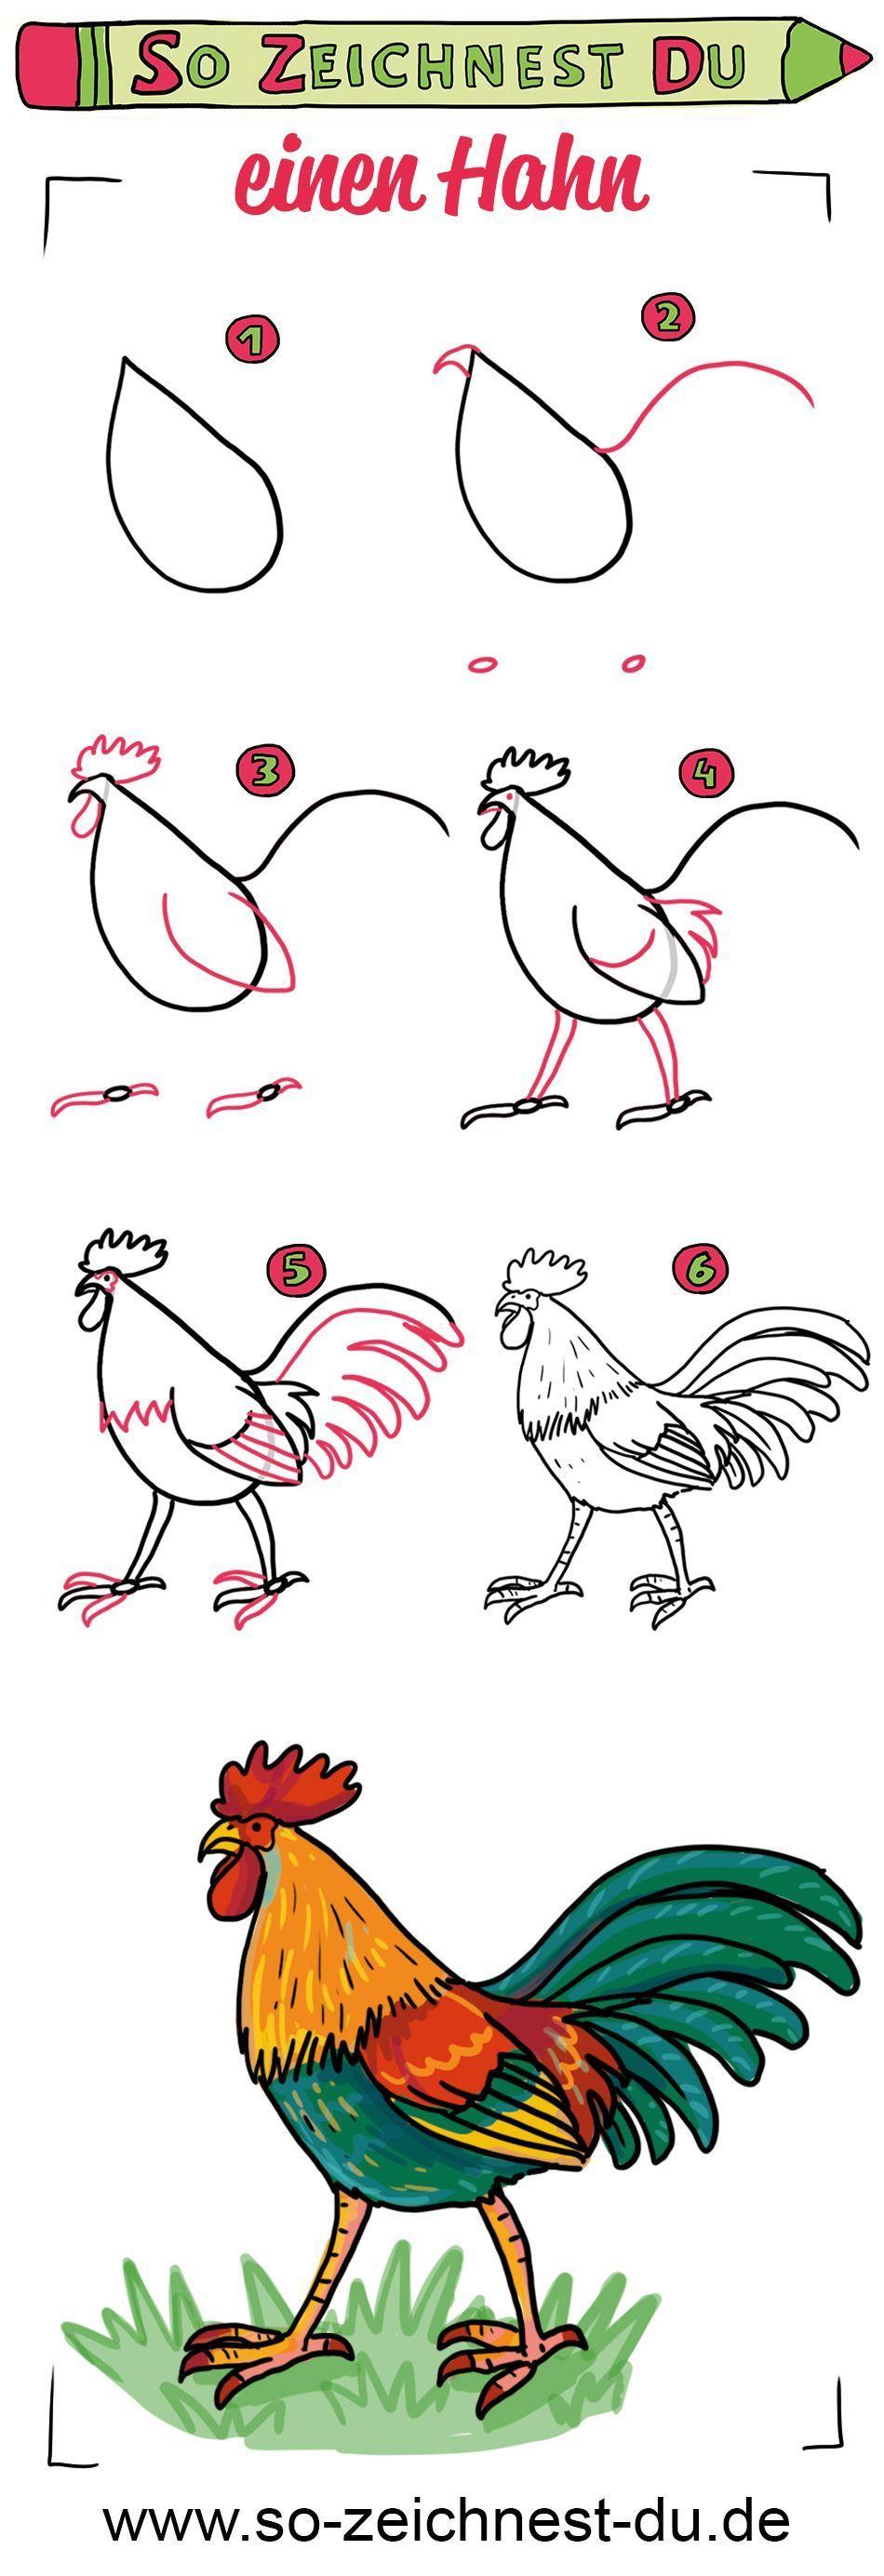 So zeichnest du einen Hahn. In unserer Zeichenschul-Serie zum Thema Bauernhof le…